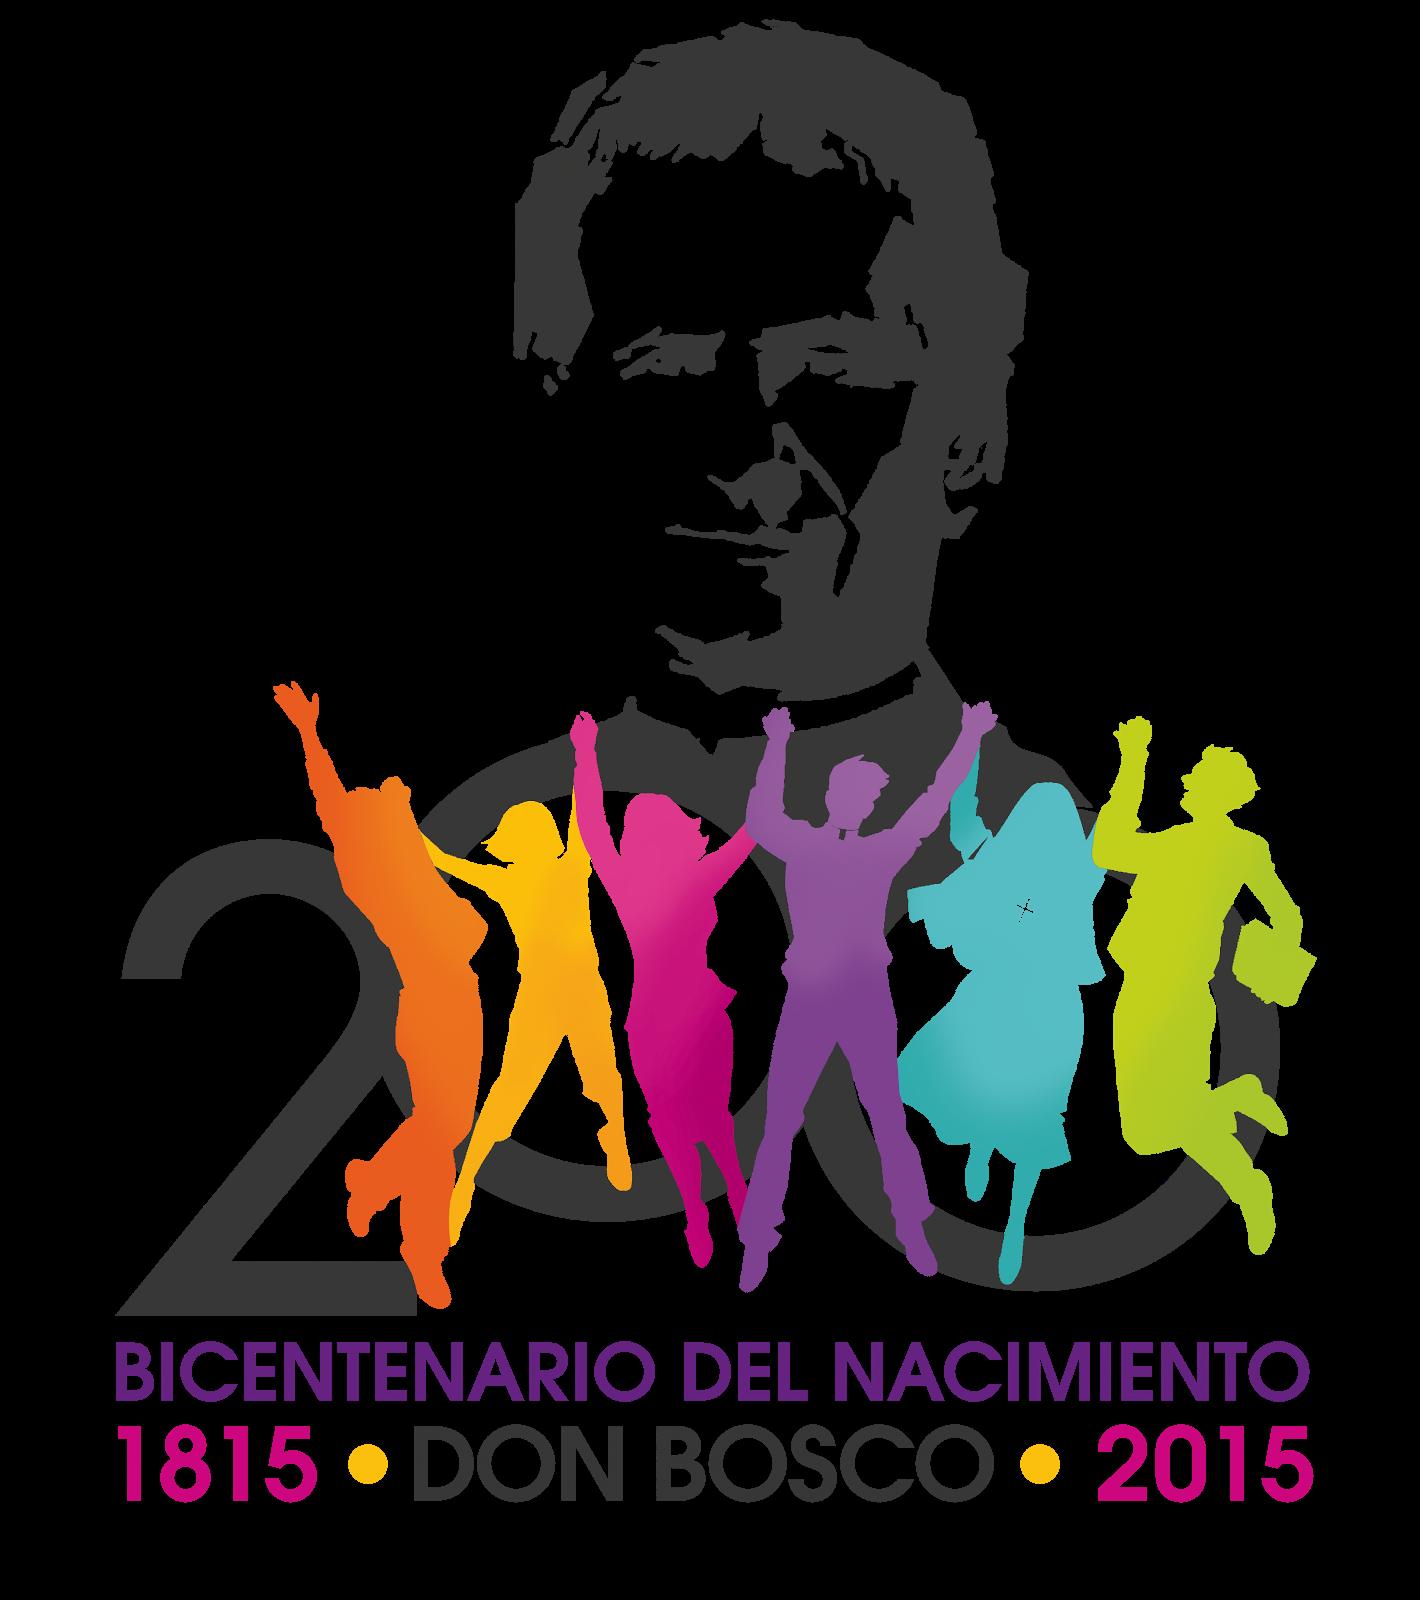 II Bicentenario del Nacimiento de San Juan Bosco